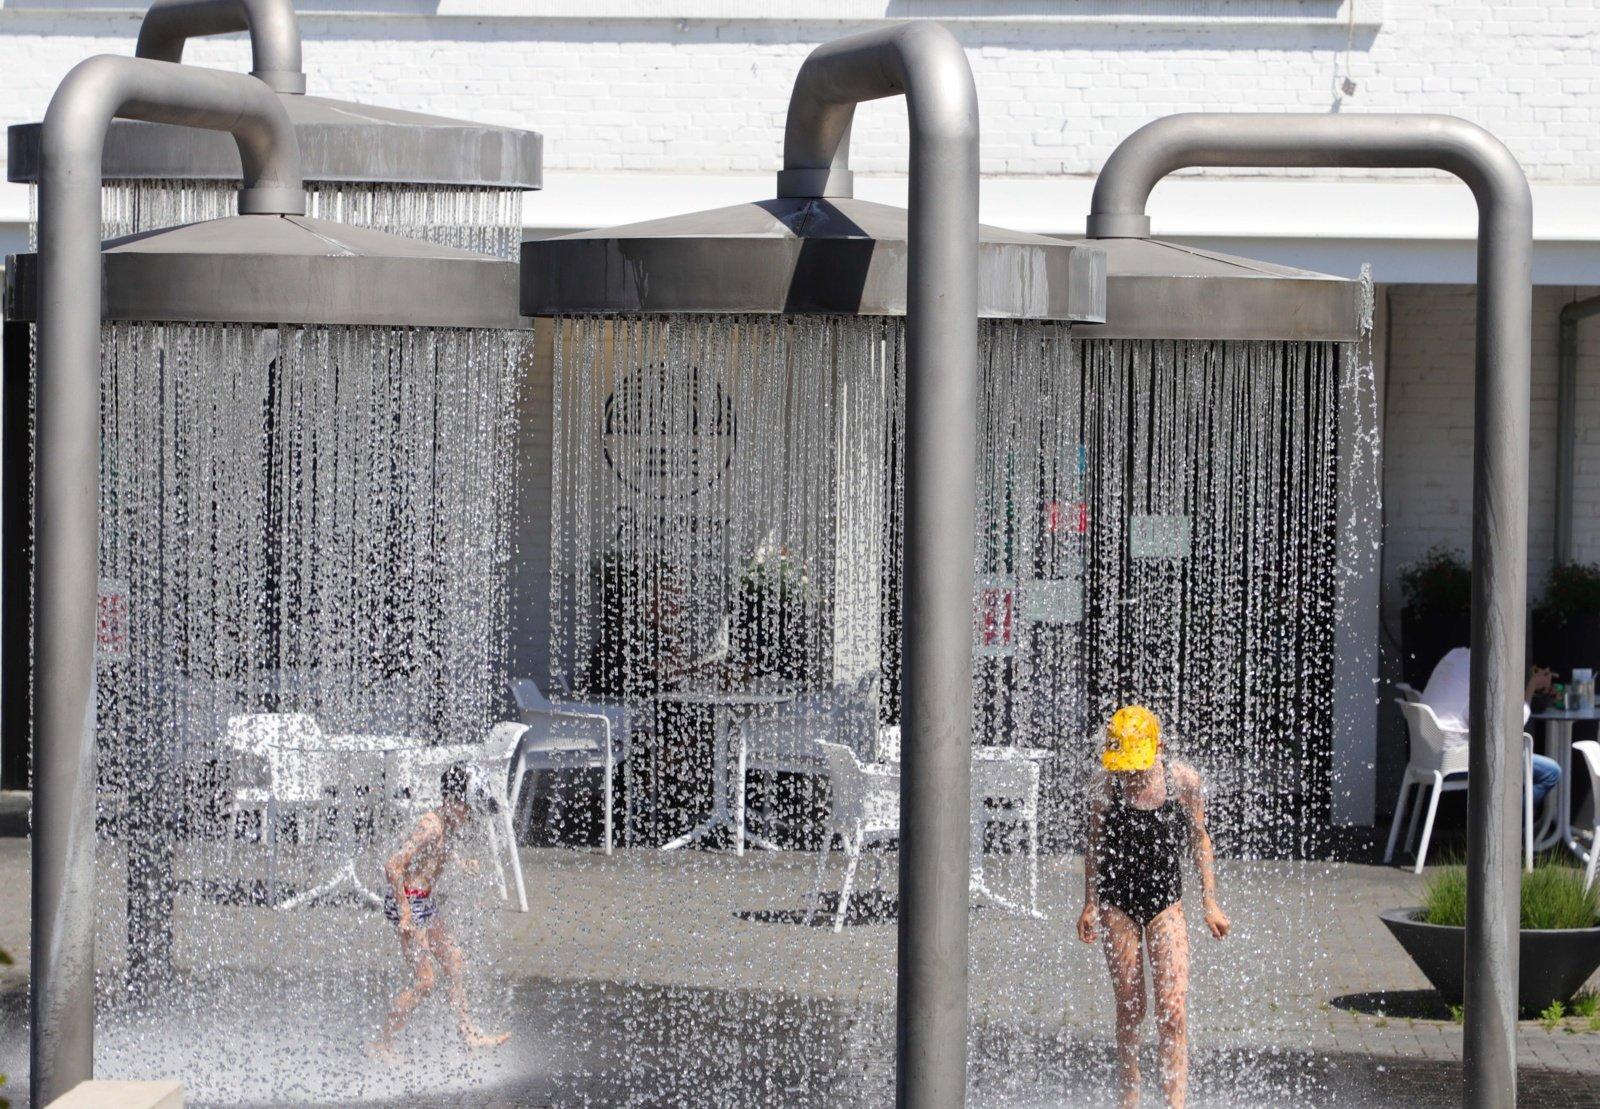 Penktadienį bus ypač karšta: kai kur kepins net 34 laipsnių karštis, savaitgalis – nedaug vėsesnis